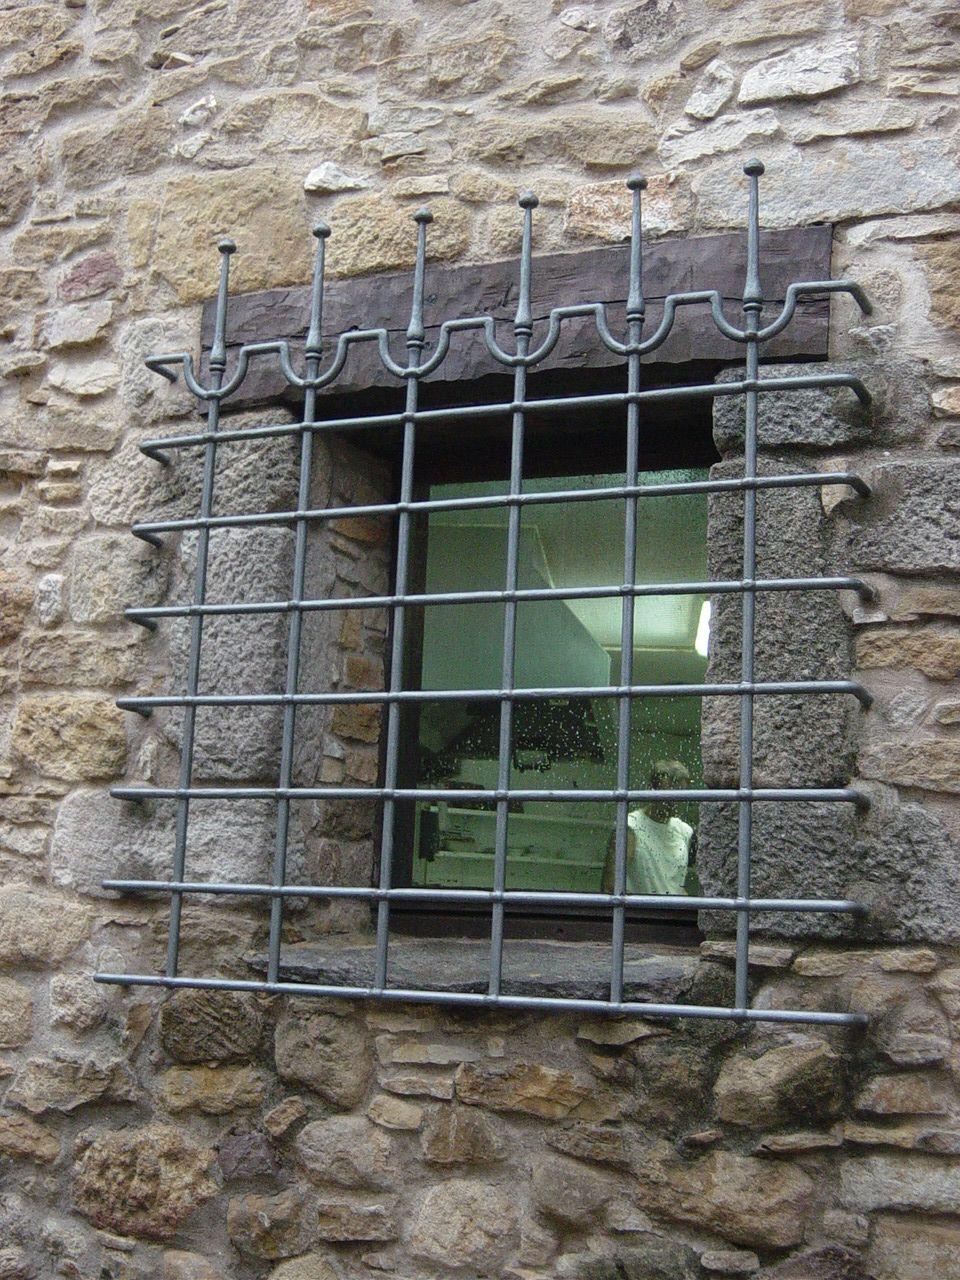 Rejas en forja artesanales rusticas modernas del dise o - Rejas de forja antiguas ...